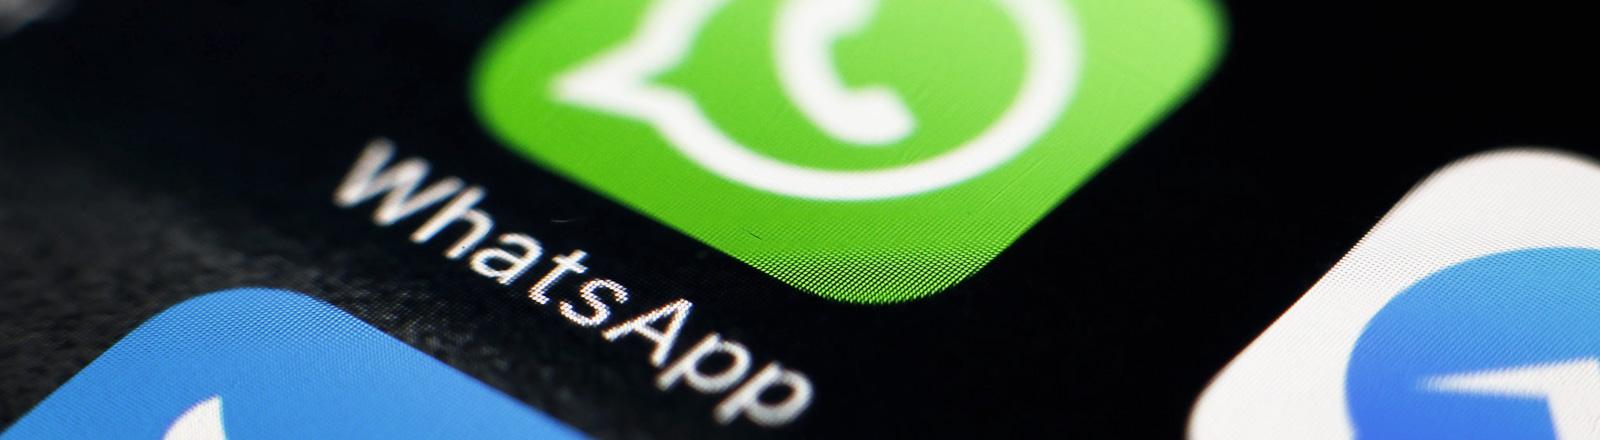 Logo des Kurznachrichtendienstes WhatsApp auf einem Smartphone.